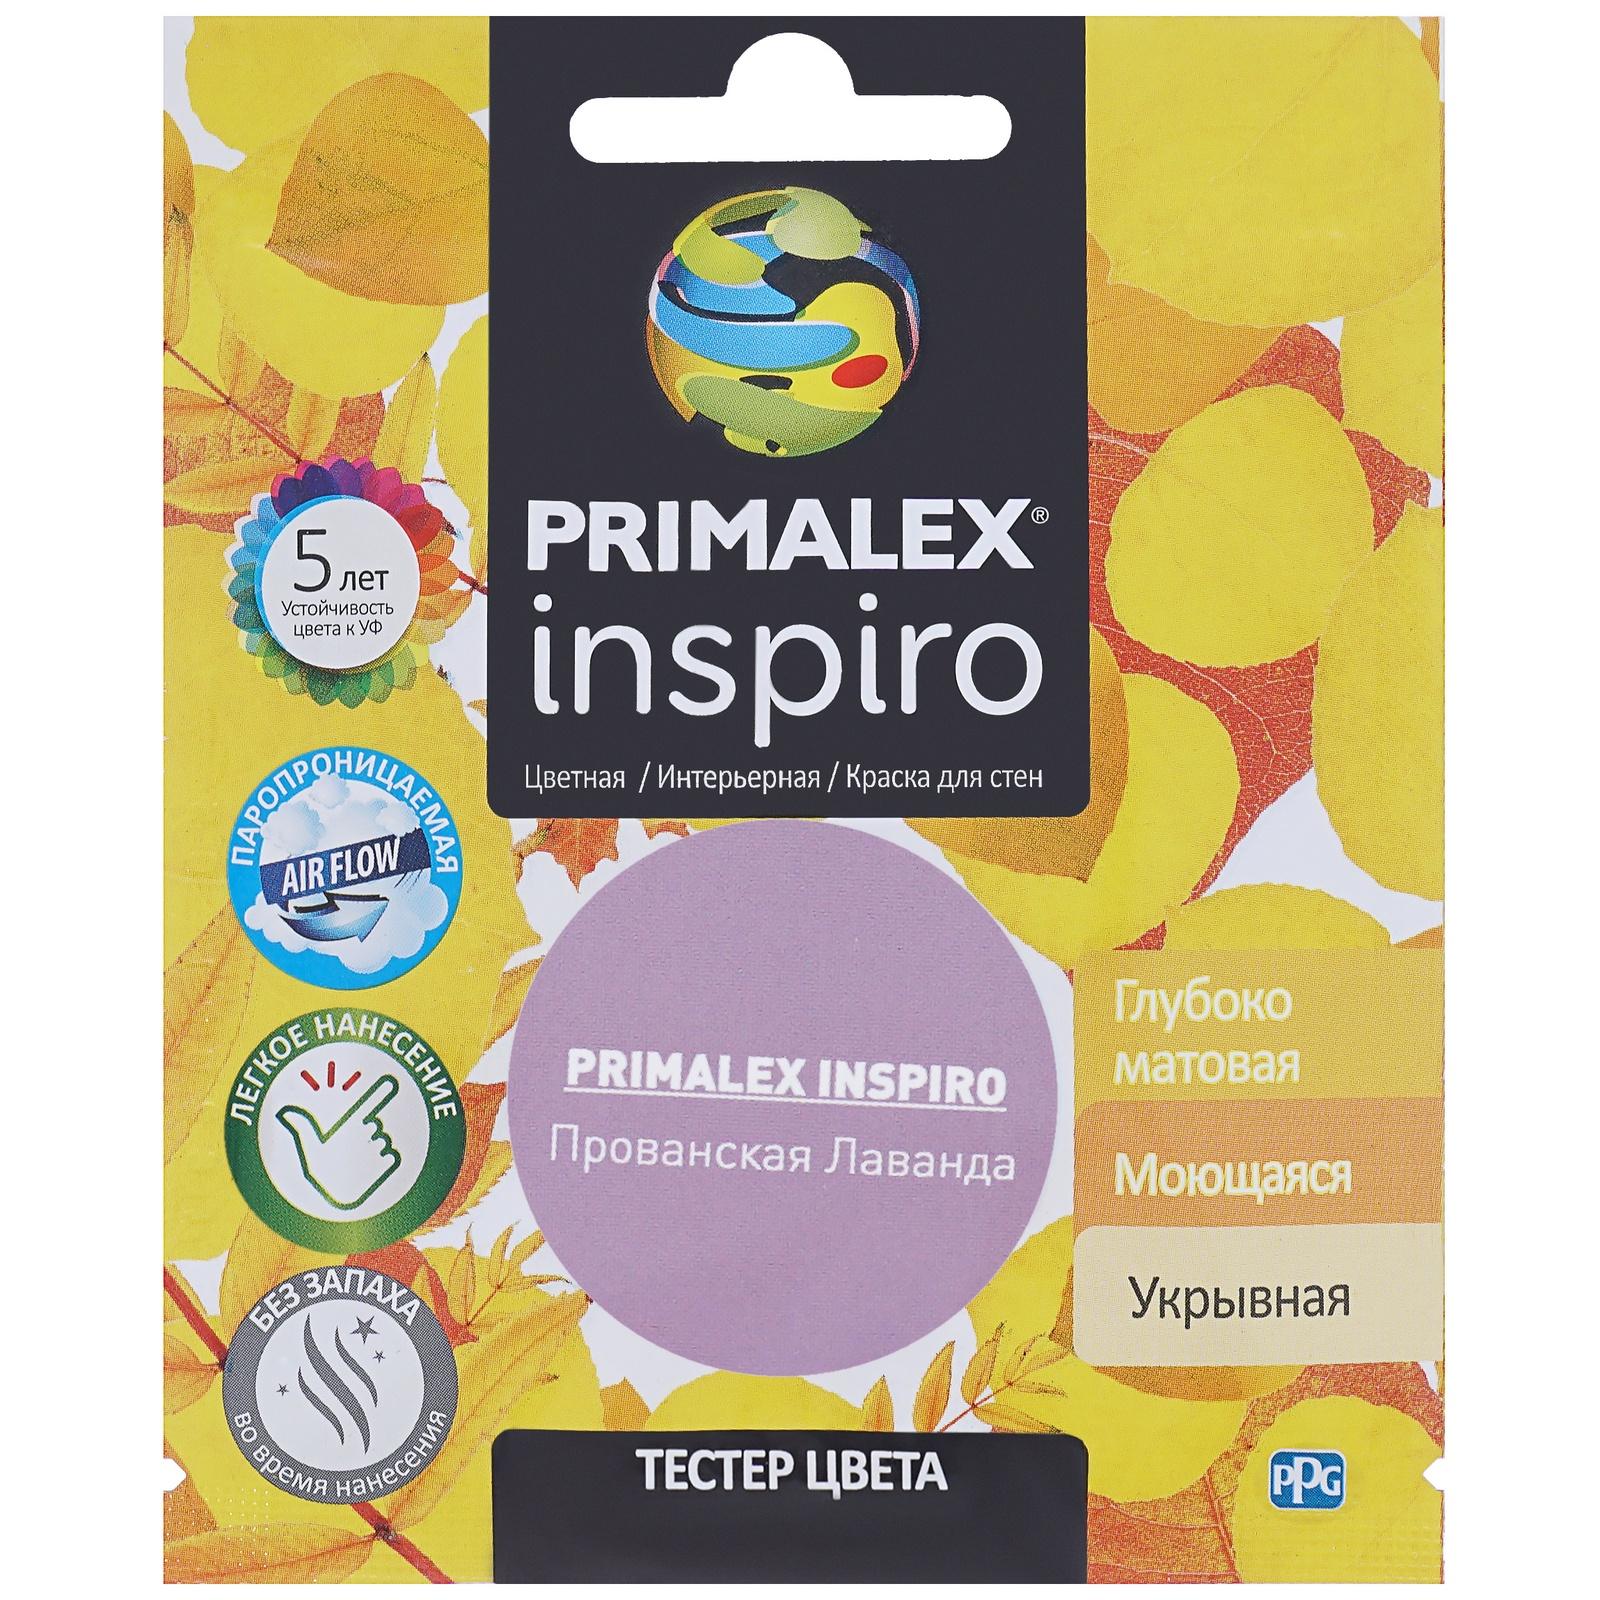 Краска PPG Primalex Inspiro Прованская Лаванда 40мл краска ppg primalex inspiro красный мак 40мл pmx i47